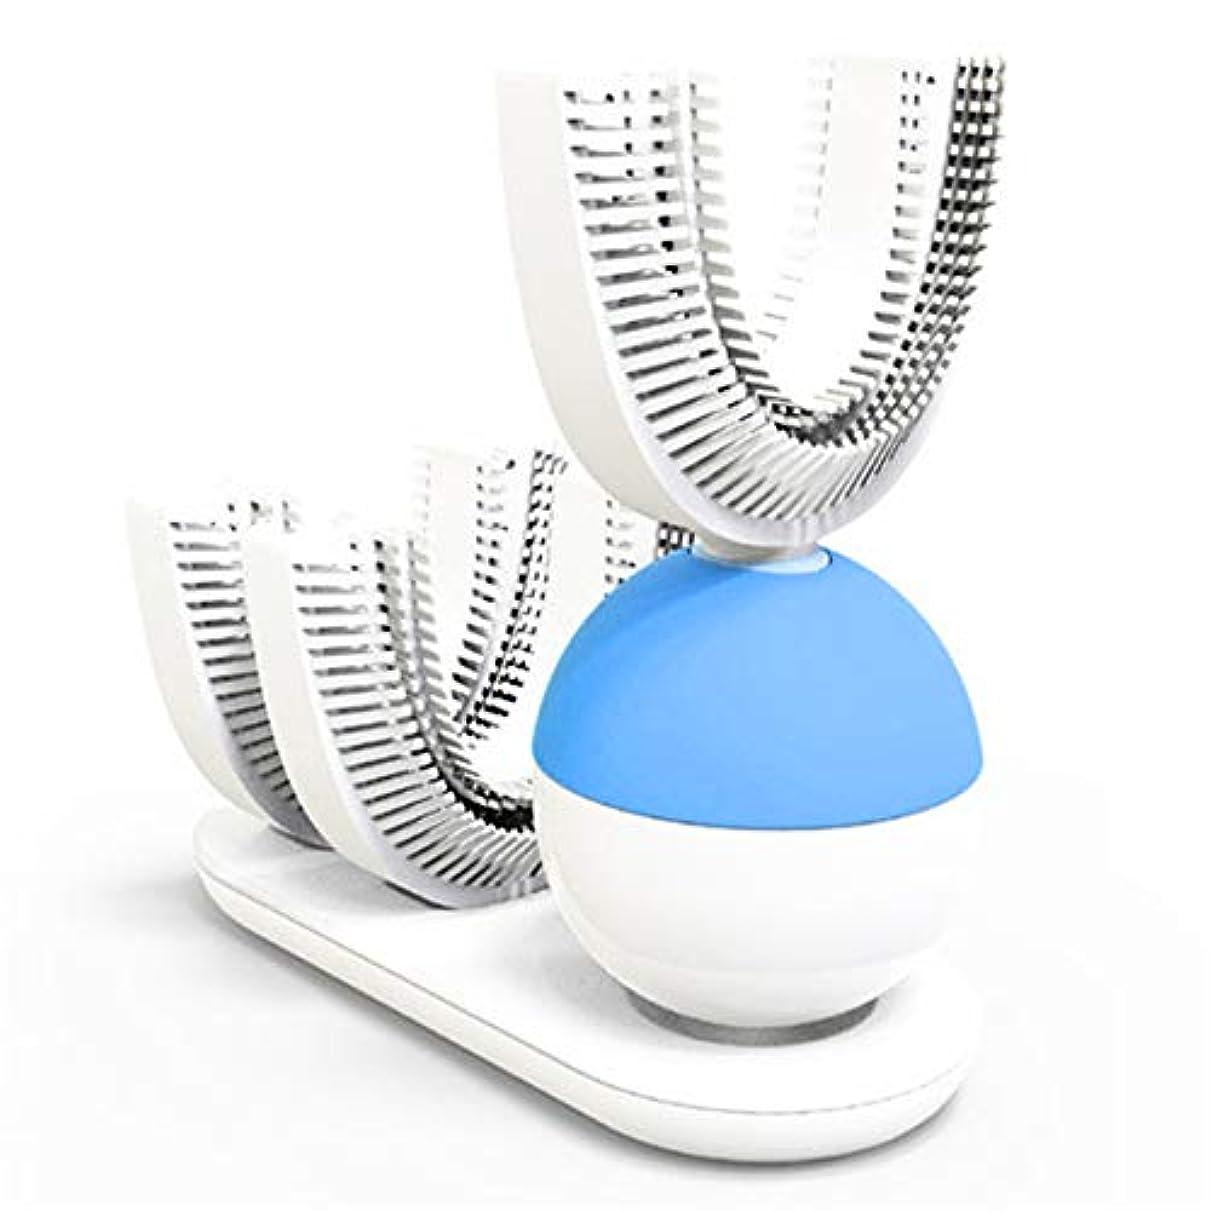 陰謀納税者優れた電動歯ブラシ 自動歯ブラシ U型 360°全方位 超音波 怠け者歯ブラシ ワイヤレス充電 歯ブラシヘッド付き